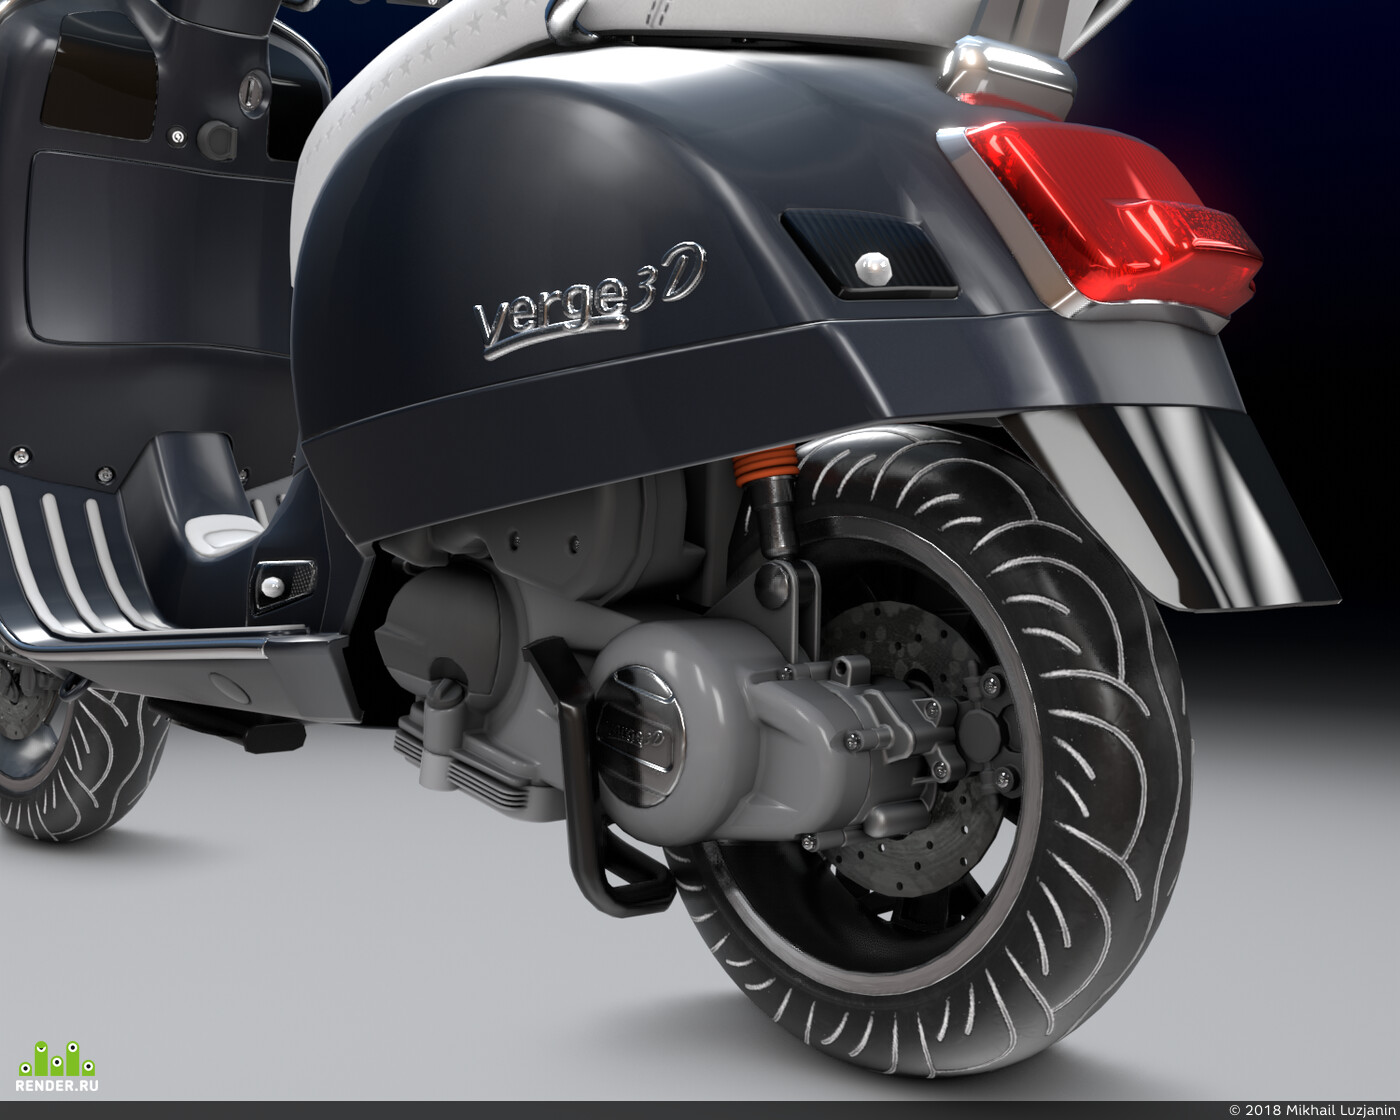 Eevee, Blender 2.8, Blender 3D, verge3d, substance painter, substance designer, Transport & Vehicles, Industrial